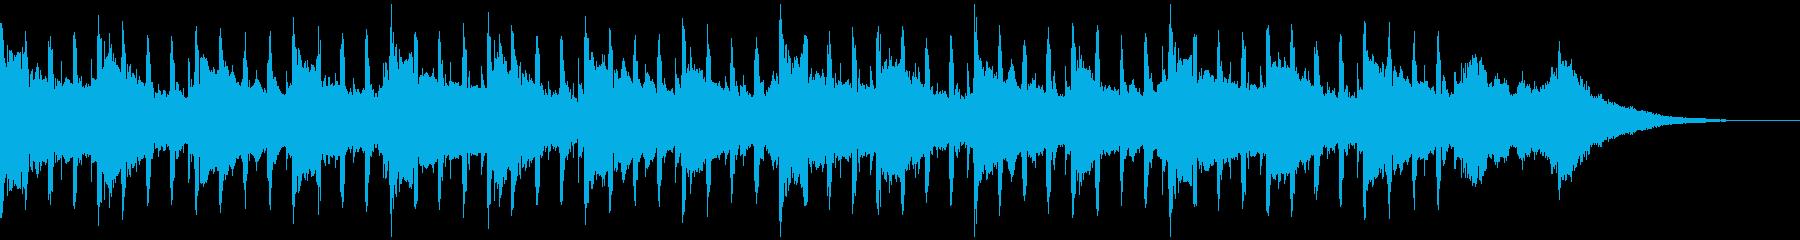 ソフトインタビュー(40秒)の再生済みの波形